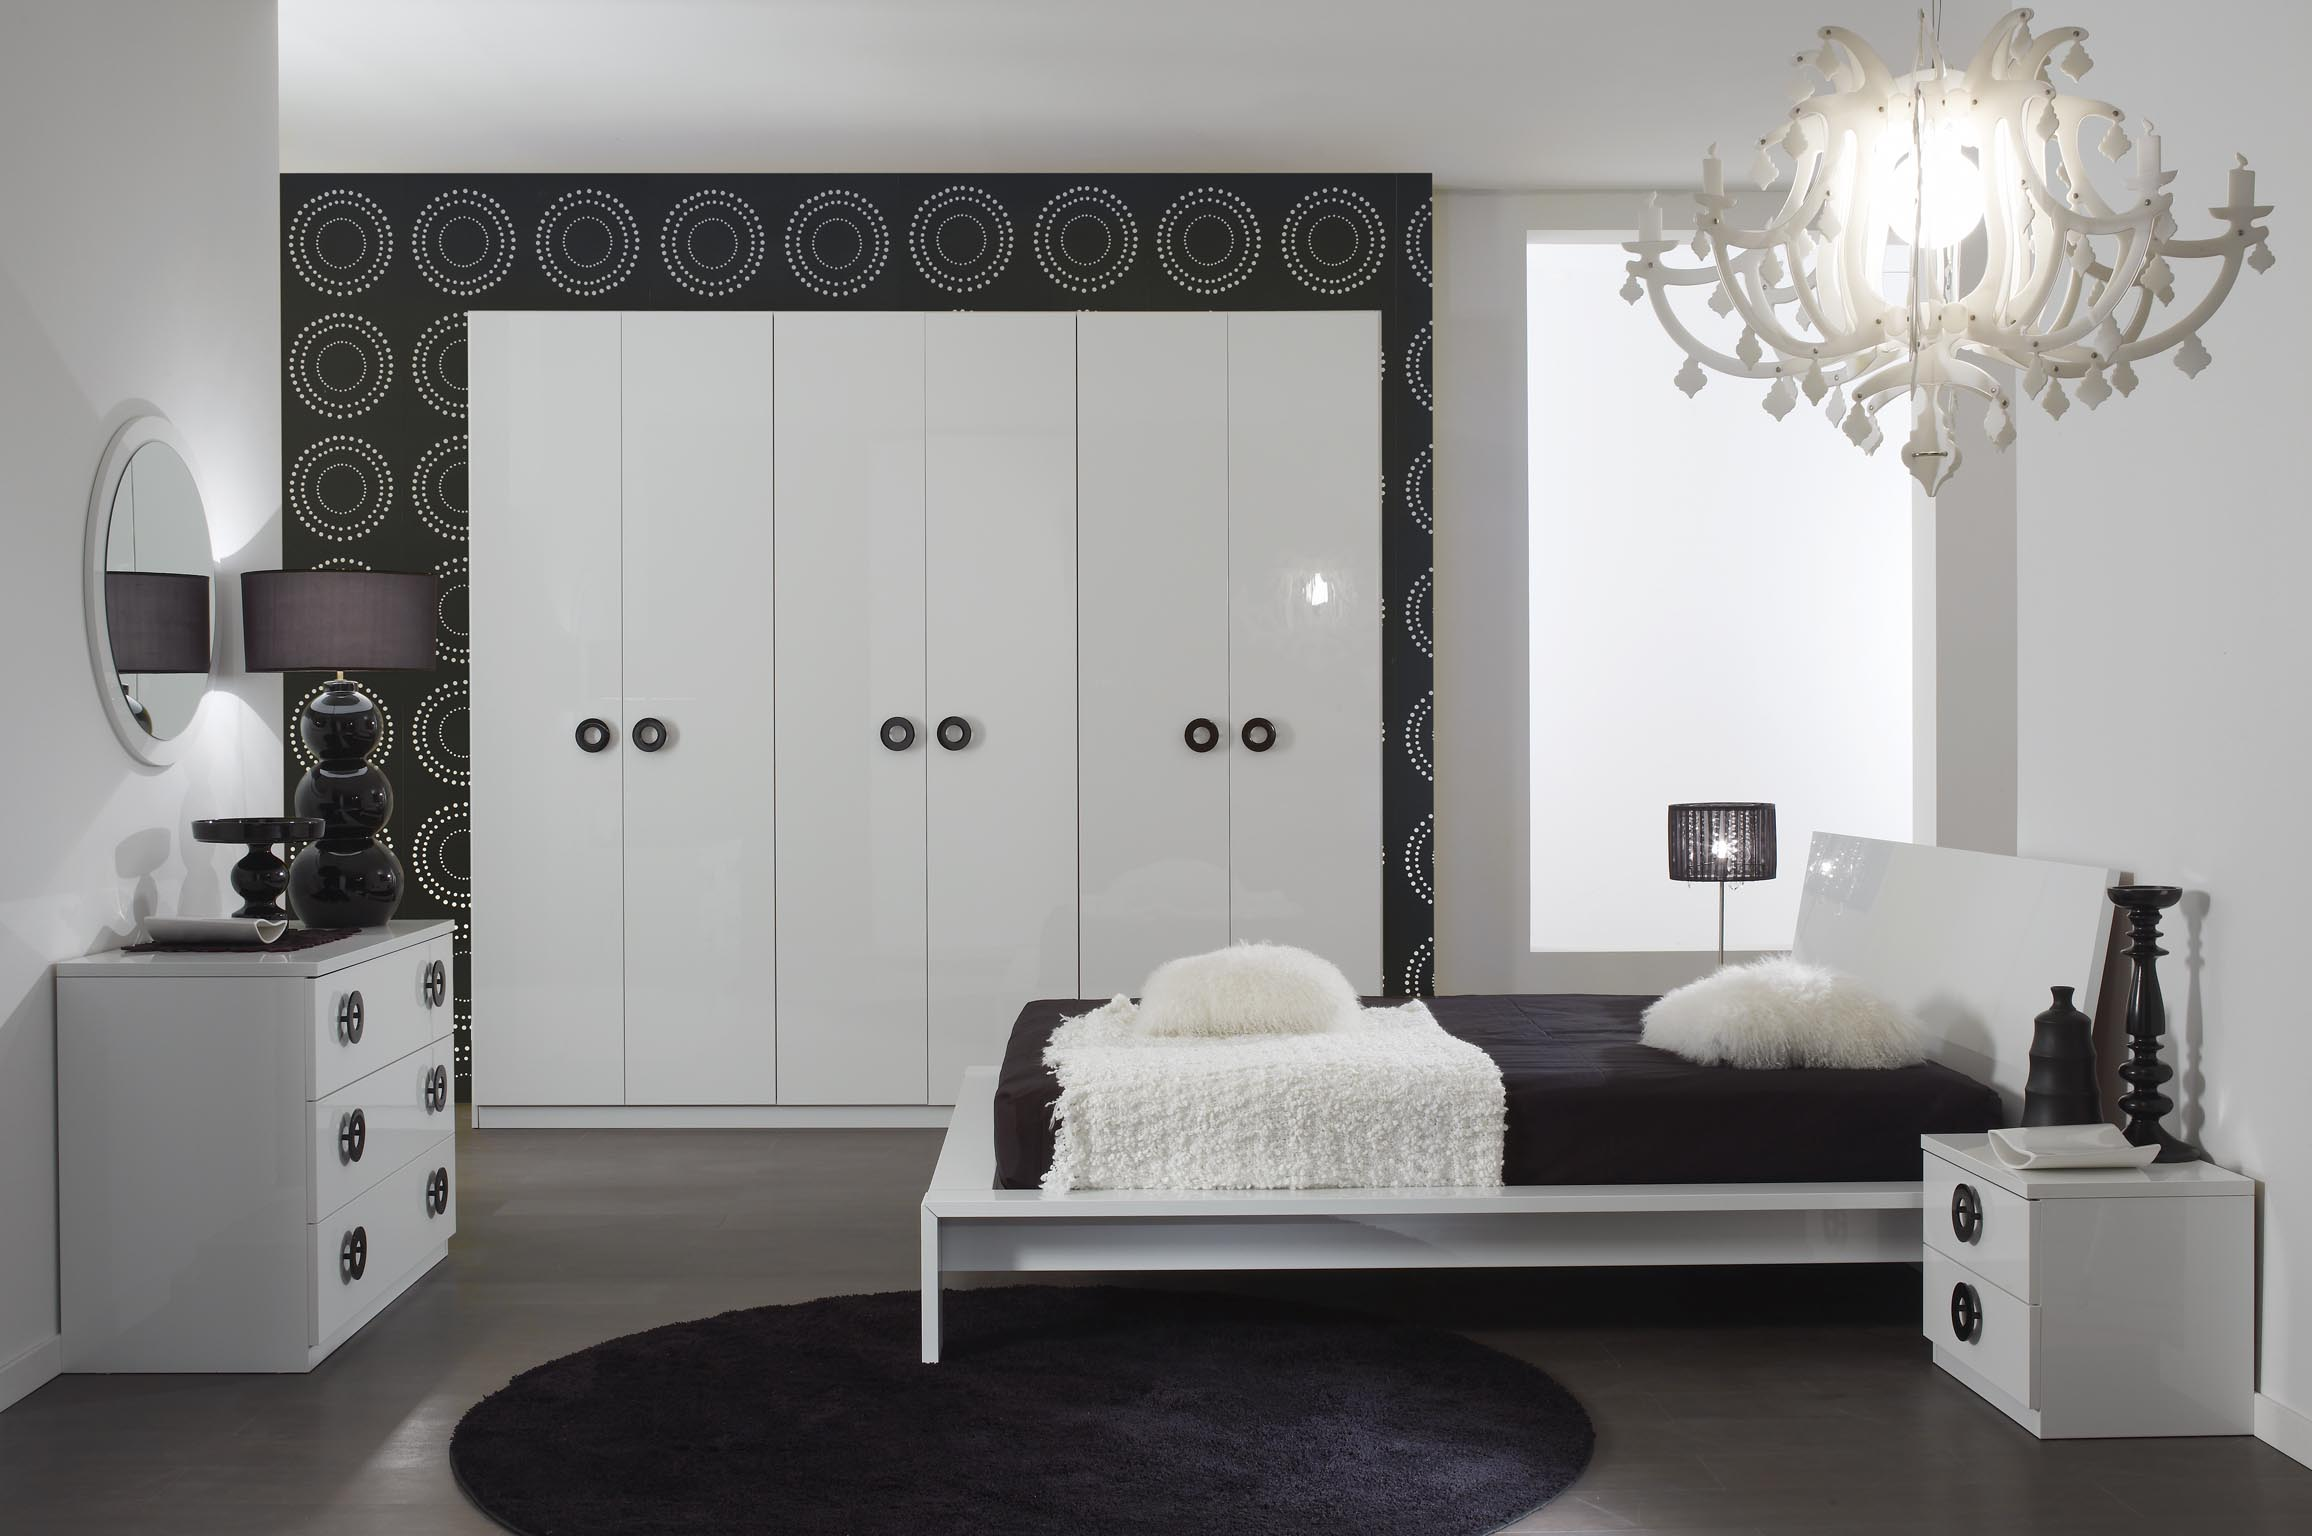 Grease łożko Włoskie W Kolorze Białym Na Wysoki Połysk